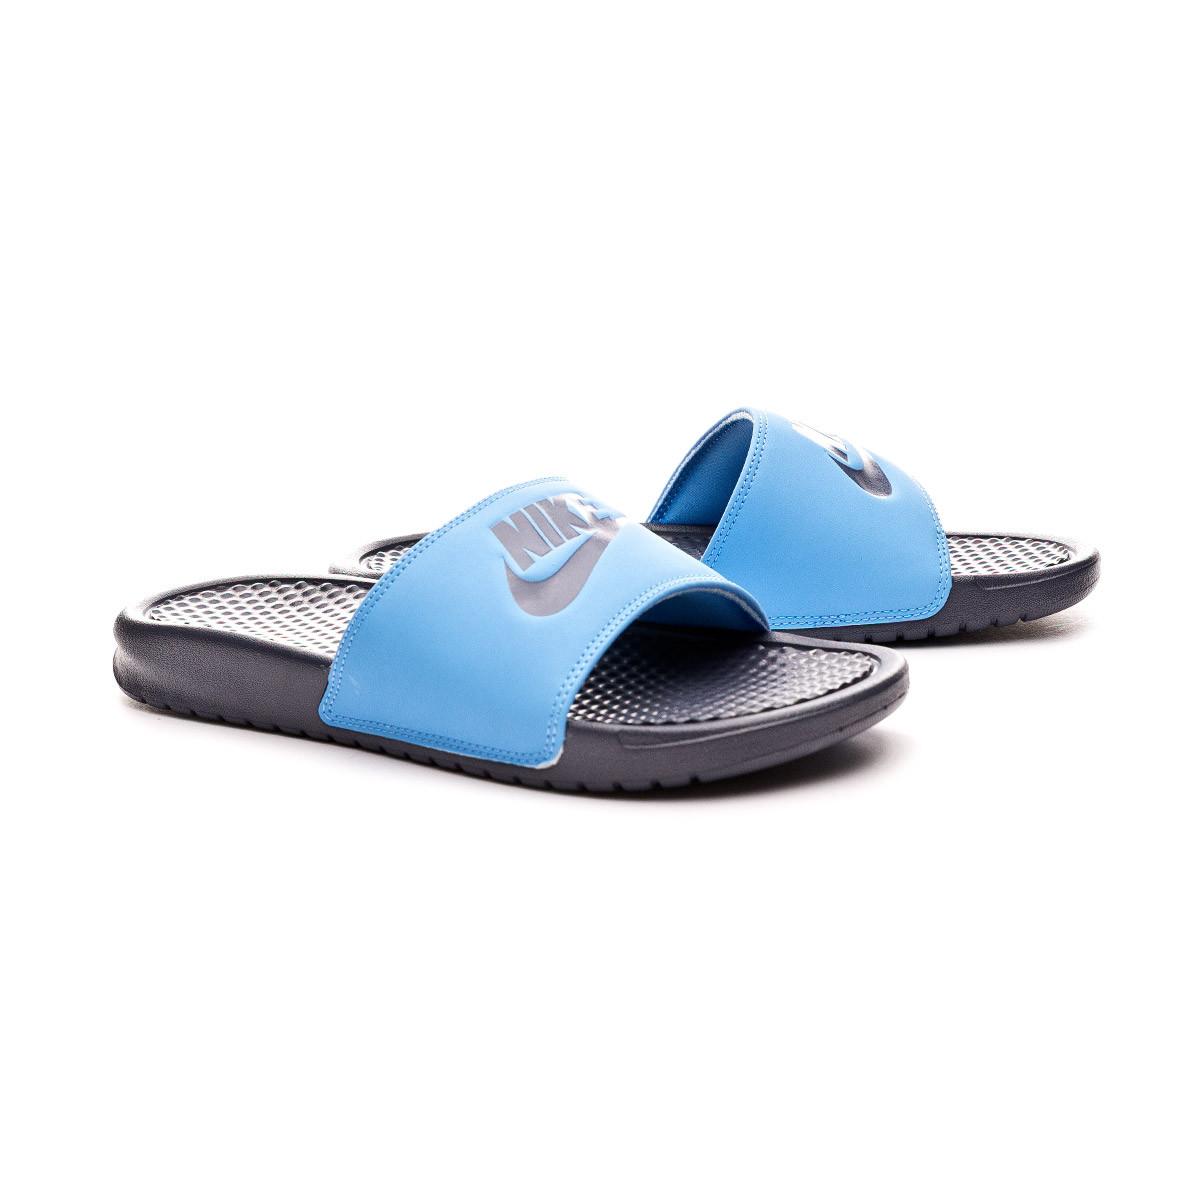 Flip-flops Nike Benassi JDI Blackened